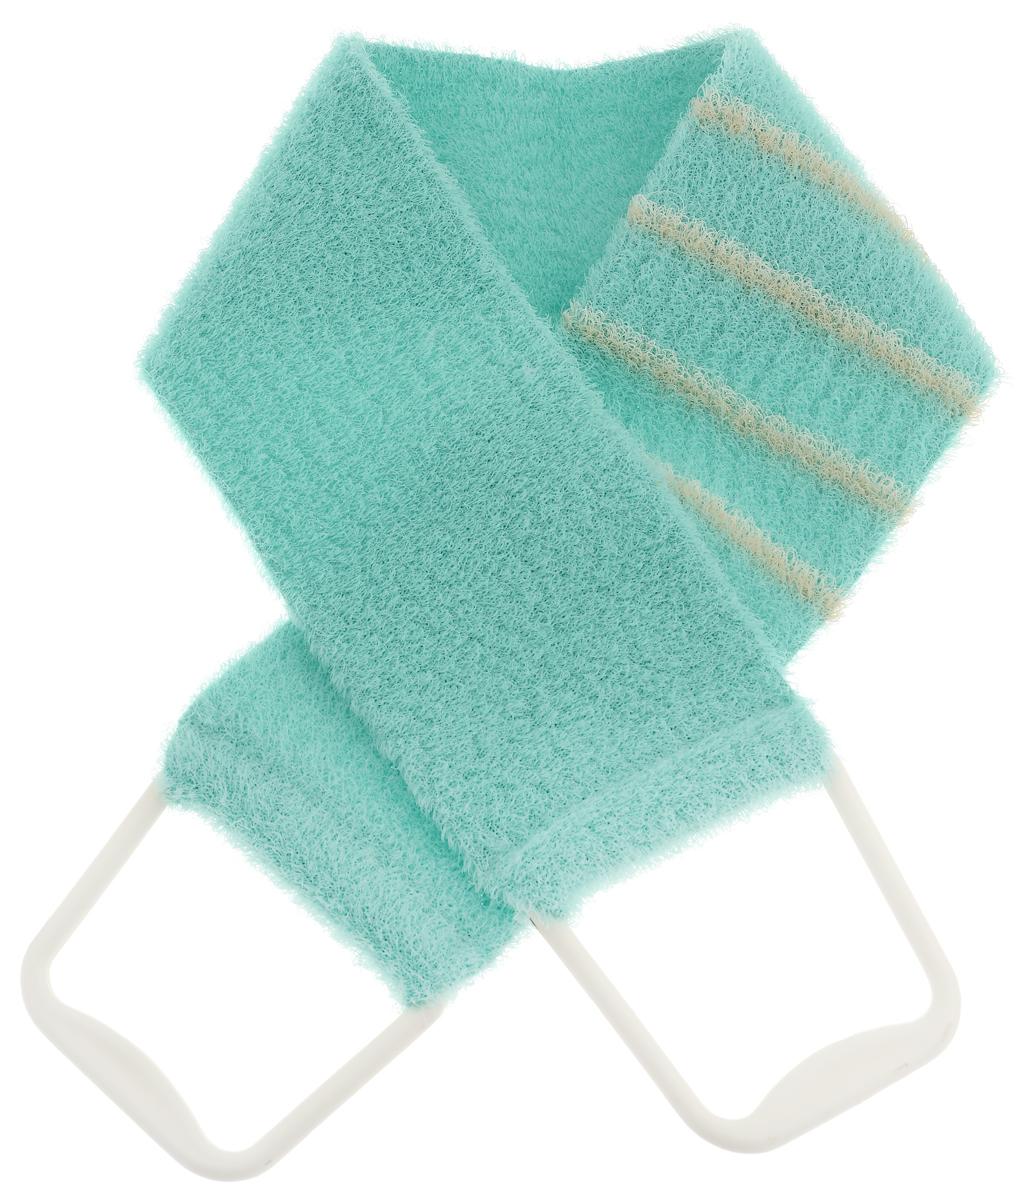 Riffi Мочалка-пояс, массажная, жесткая, цвет: салатовый. 824824_салатовыйМочалка-пояс Riffi используется для мытья тела, обладает активным пилинговым действием, тонизируя, массируя и эффективно очищая вашу кожу. Хлопковая основа придает мочалке высокие моющие свойства, а примесь жестких синтетических волокон усиливает ее массажное воздействие на кожу. Для удобства применения пояс снабжен двумя пластиковыми ручками. Благодаря отшелушивающему эффекту мочалки-пояса, кожа освобождается от отмерших клеток, становится гладкой, упругой и свежей. Массаж тела с применением Riffi стимулирует кровообращение, активирует кровоснабжение, способствует обмену веществ, что в свою очередь позволяет себя чувствовать бодрым и отдохнувшим после принятия душа или ванны. Riffi регенерирует кожу, делает ее приятно нежной, мягкой и лучше готовой к принятию косметических средств. Приносит приятное расслабление всему организму. Борется со спазмами и болями в мышцах, предупреждает образование целлюлита и обеспечивает омолаживающий эффект. Моет легко и энергично. Быстро...